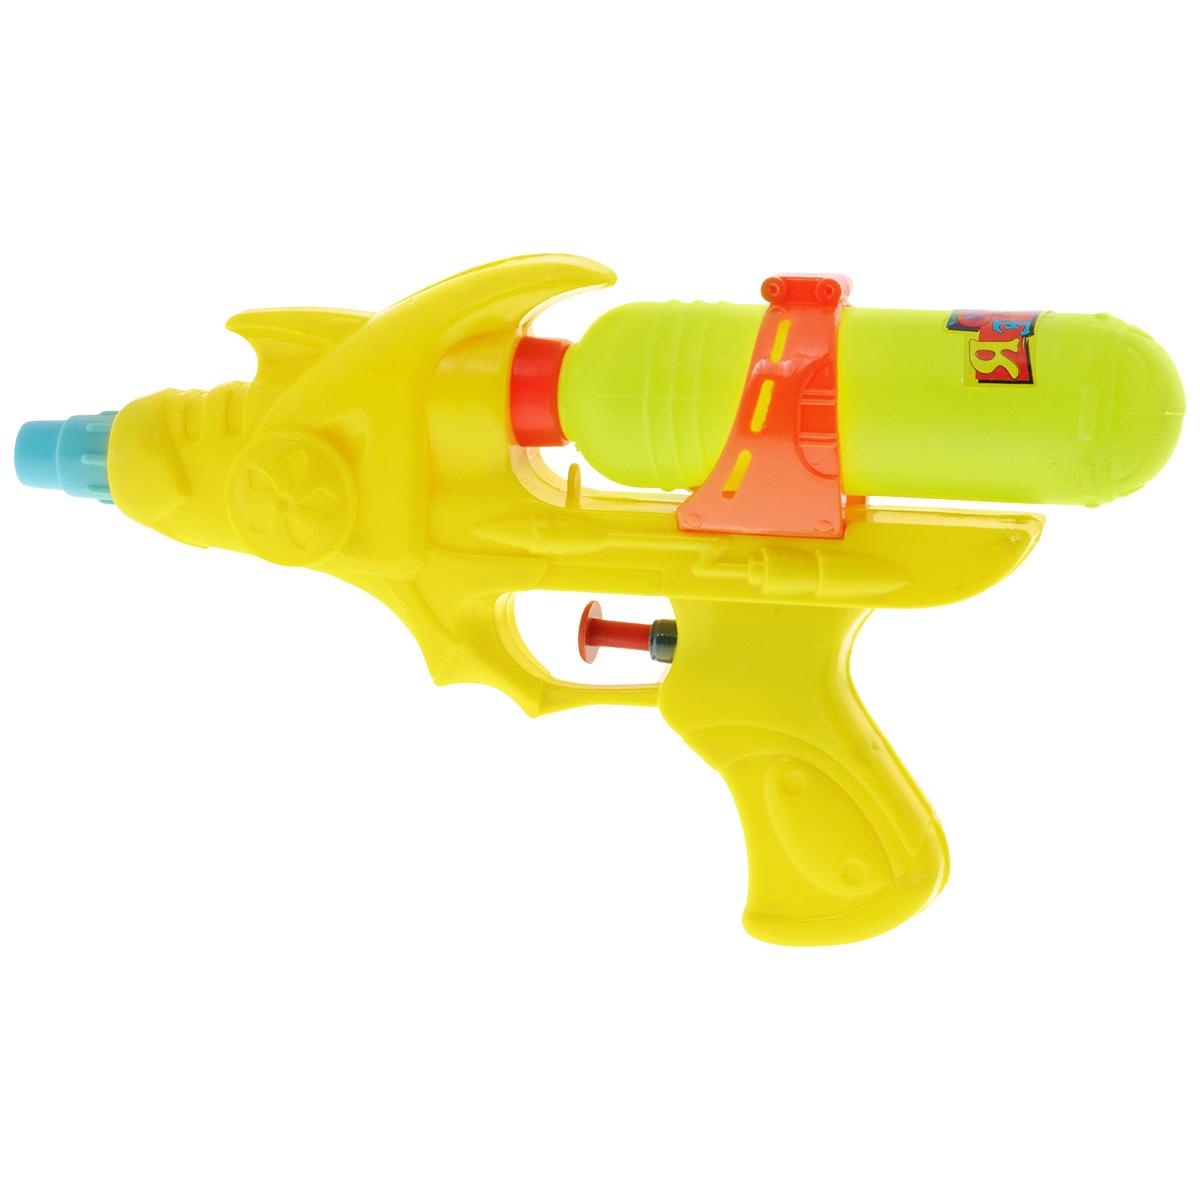 Bebelot Водный пистолет Бластер цвет желтыйBEB1106-008Водный пистолет Bebelot Бластер станет отличным развлечением для детей в жаркую летнюю погоду. Пистолет выполнен из прочного безопасного пластика ярких цветов и невероятно прост в использовании. Заполните резервуар водой и начинайте стрелять! При нажатии на курок пистолет выстреливает струей воды. Резервуар для воды съемный, он надежно крепится к пистолету при помощи резьбы. Такая игрушка не только порадует малыша, но и поможет ему совершенствовать мелкую и крупную моторику, а также координацию движений. С водным пистолетом ваш малыш сможет устроить настоящее водное сражение!